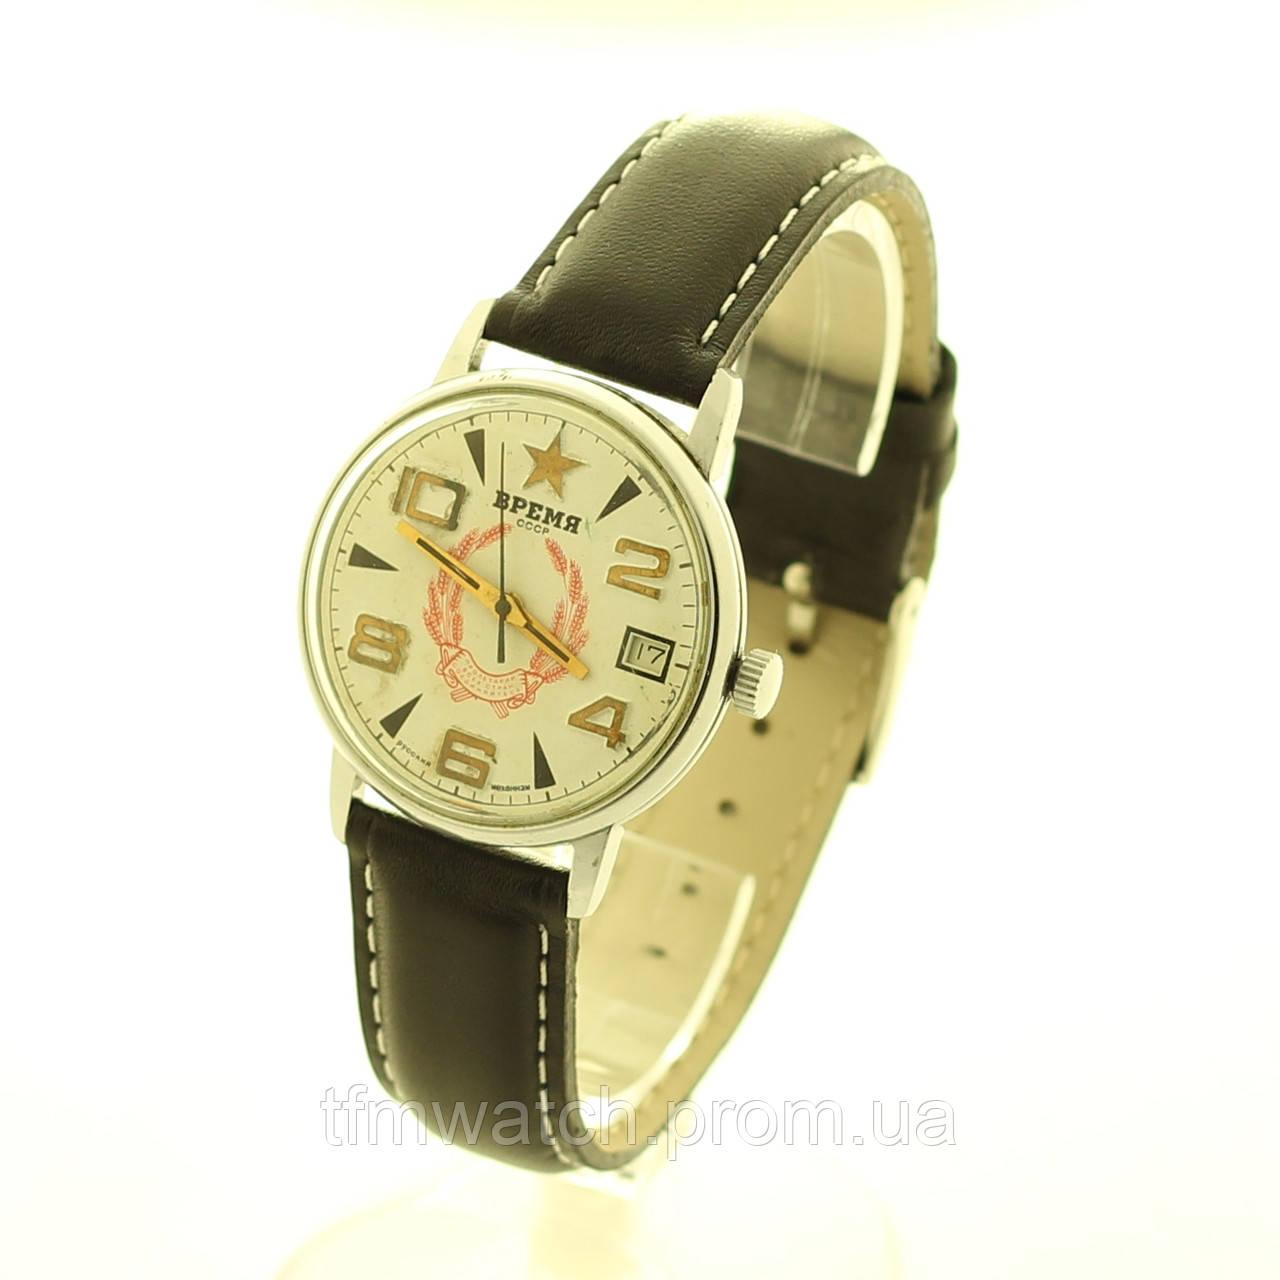 Часы время россии купить санлайт часы купить в москве недорого